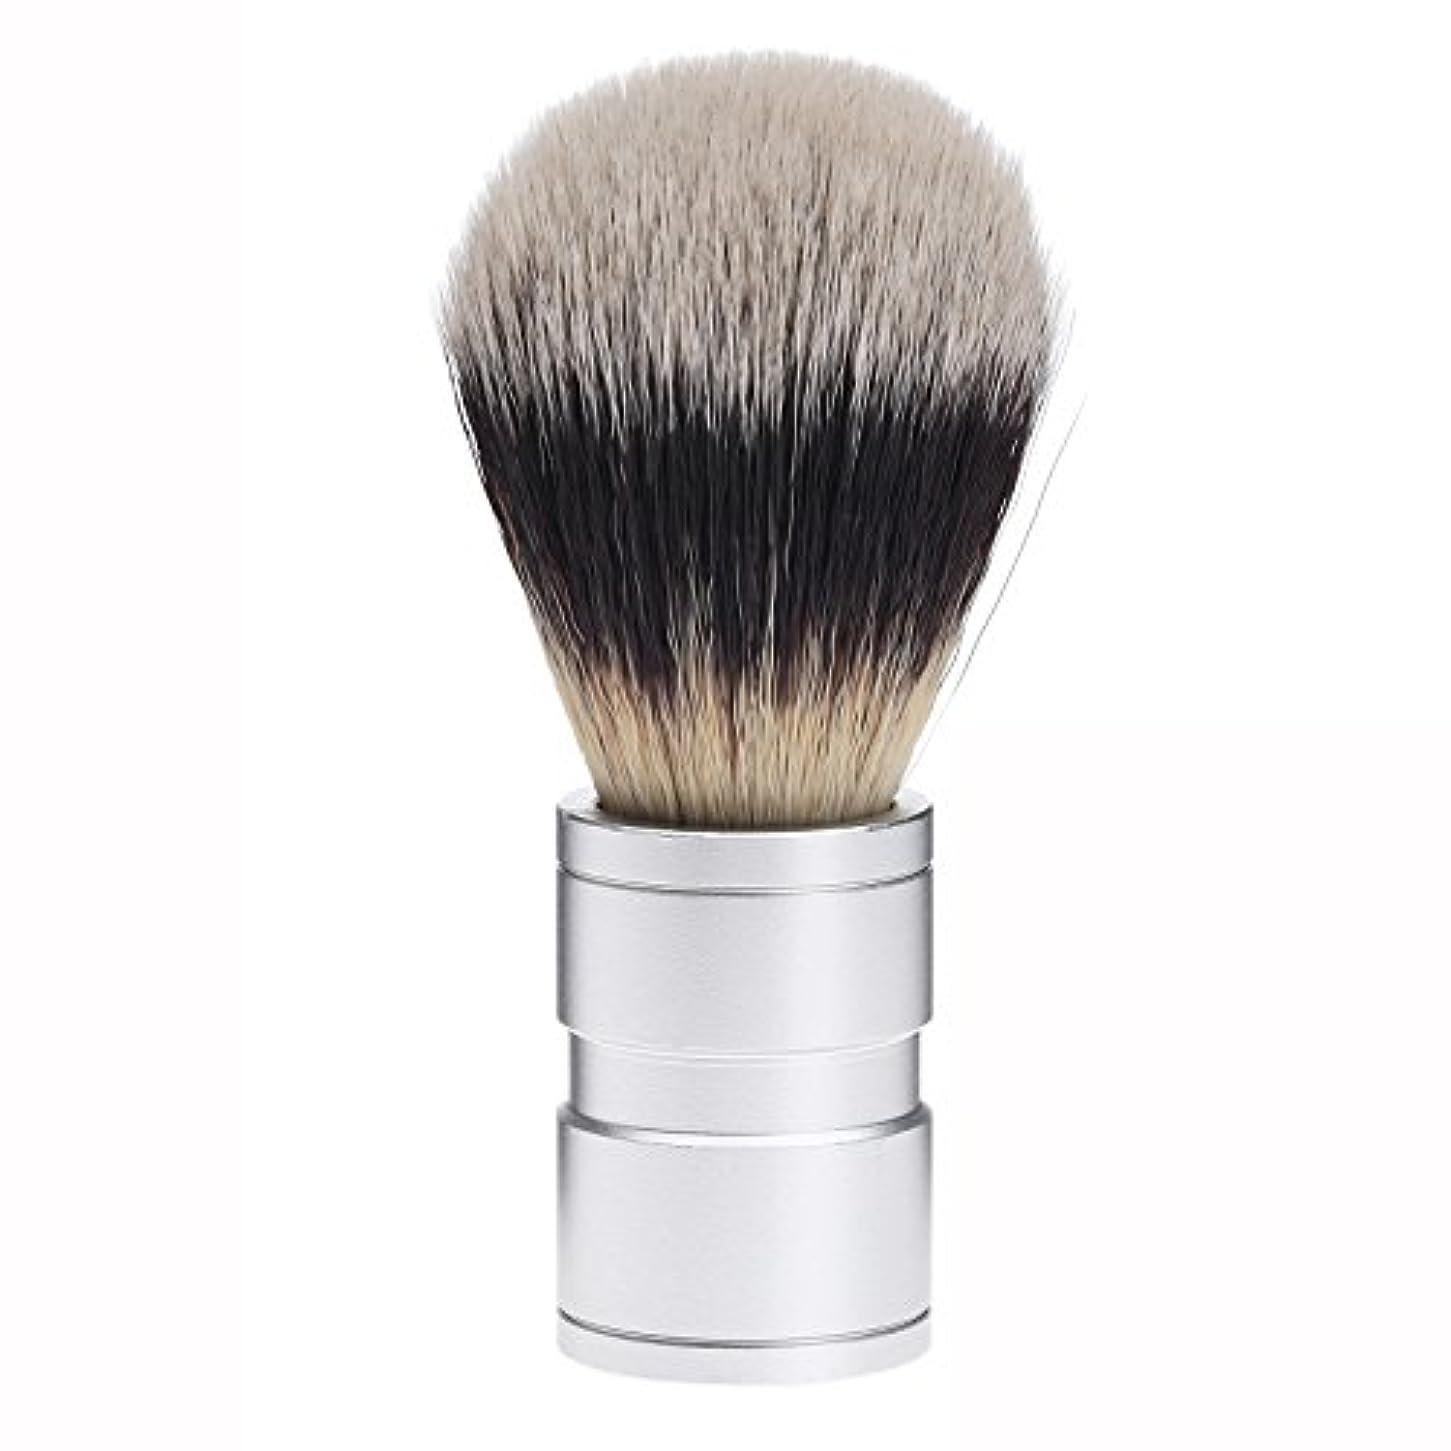 おばあさん禁止する立証するDophee  シェービング用ブラシ シェービングブラシ メンズ 洗顔ブラシ イミテーションアナグマ毛 ファイン模倣 理容 洗顔 髭剃り